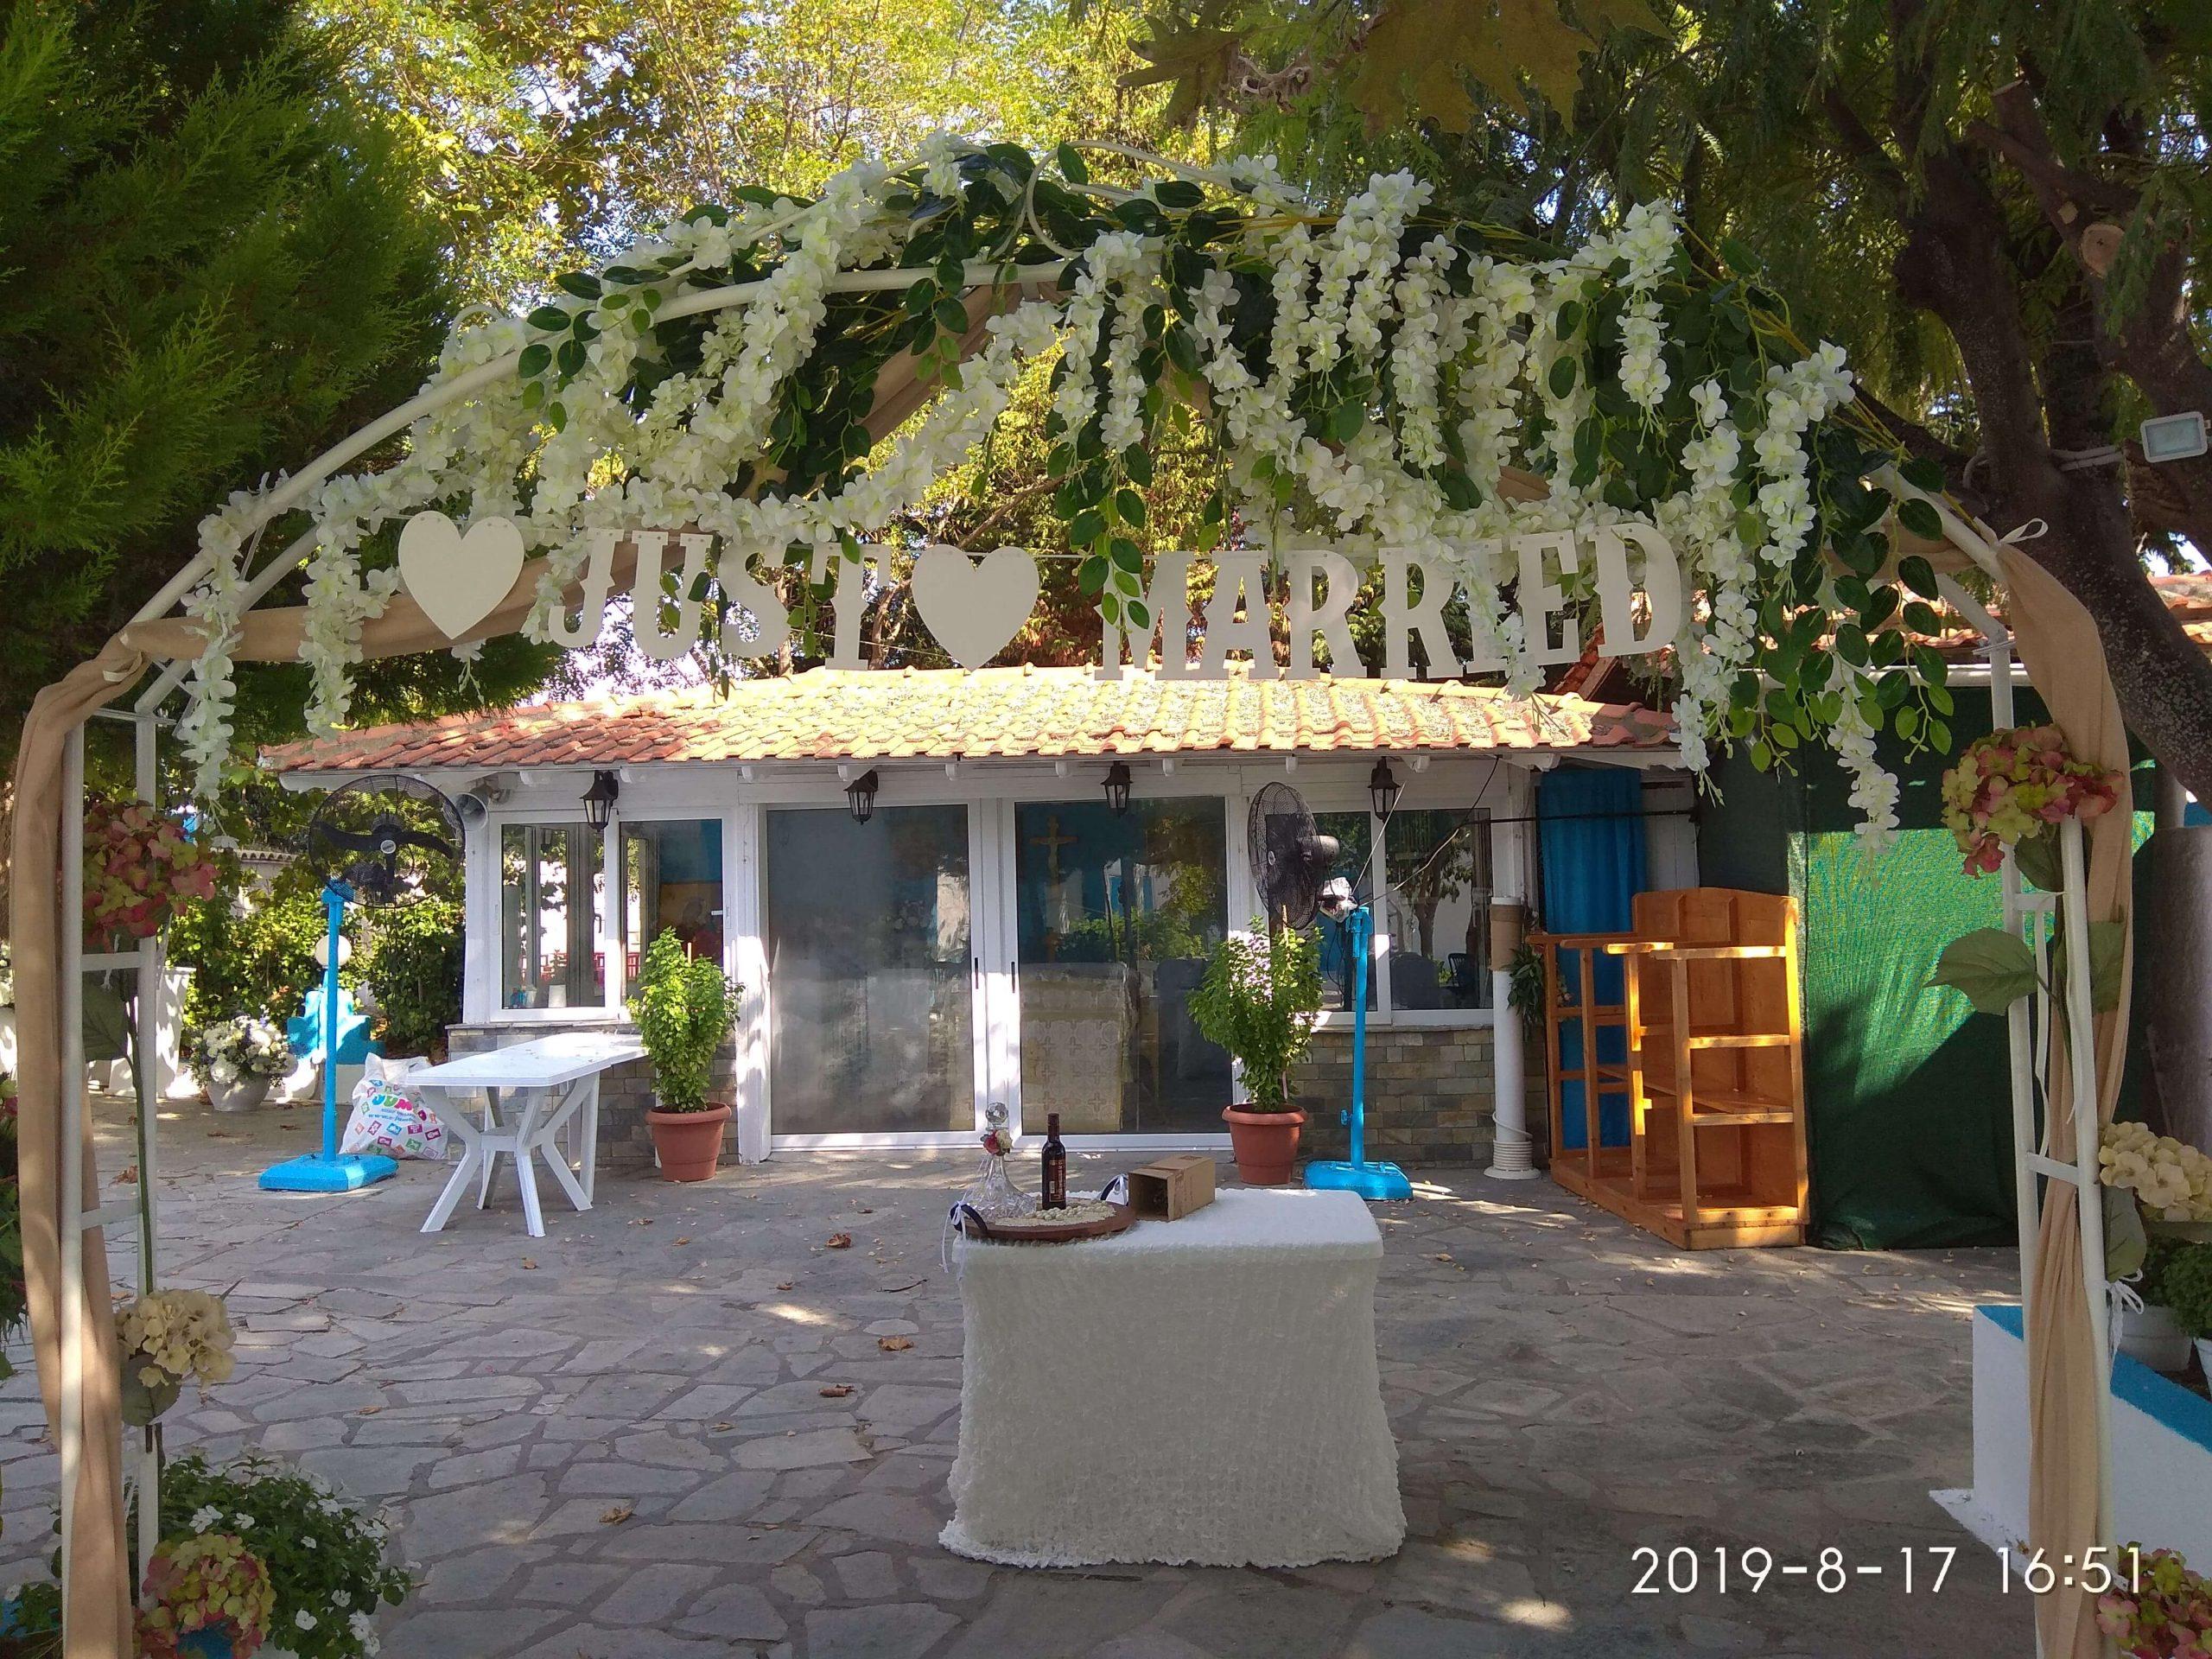 πέργολα γάμου με λουλούδια για γάμο Θεσσαλονίκη | Online ανθοπωλείο ανθοδημιουργίες Τούμπα Θεσσαλονίκης